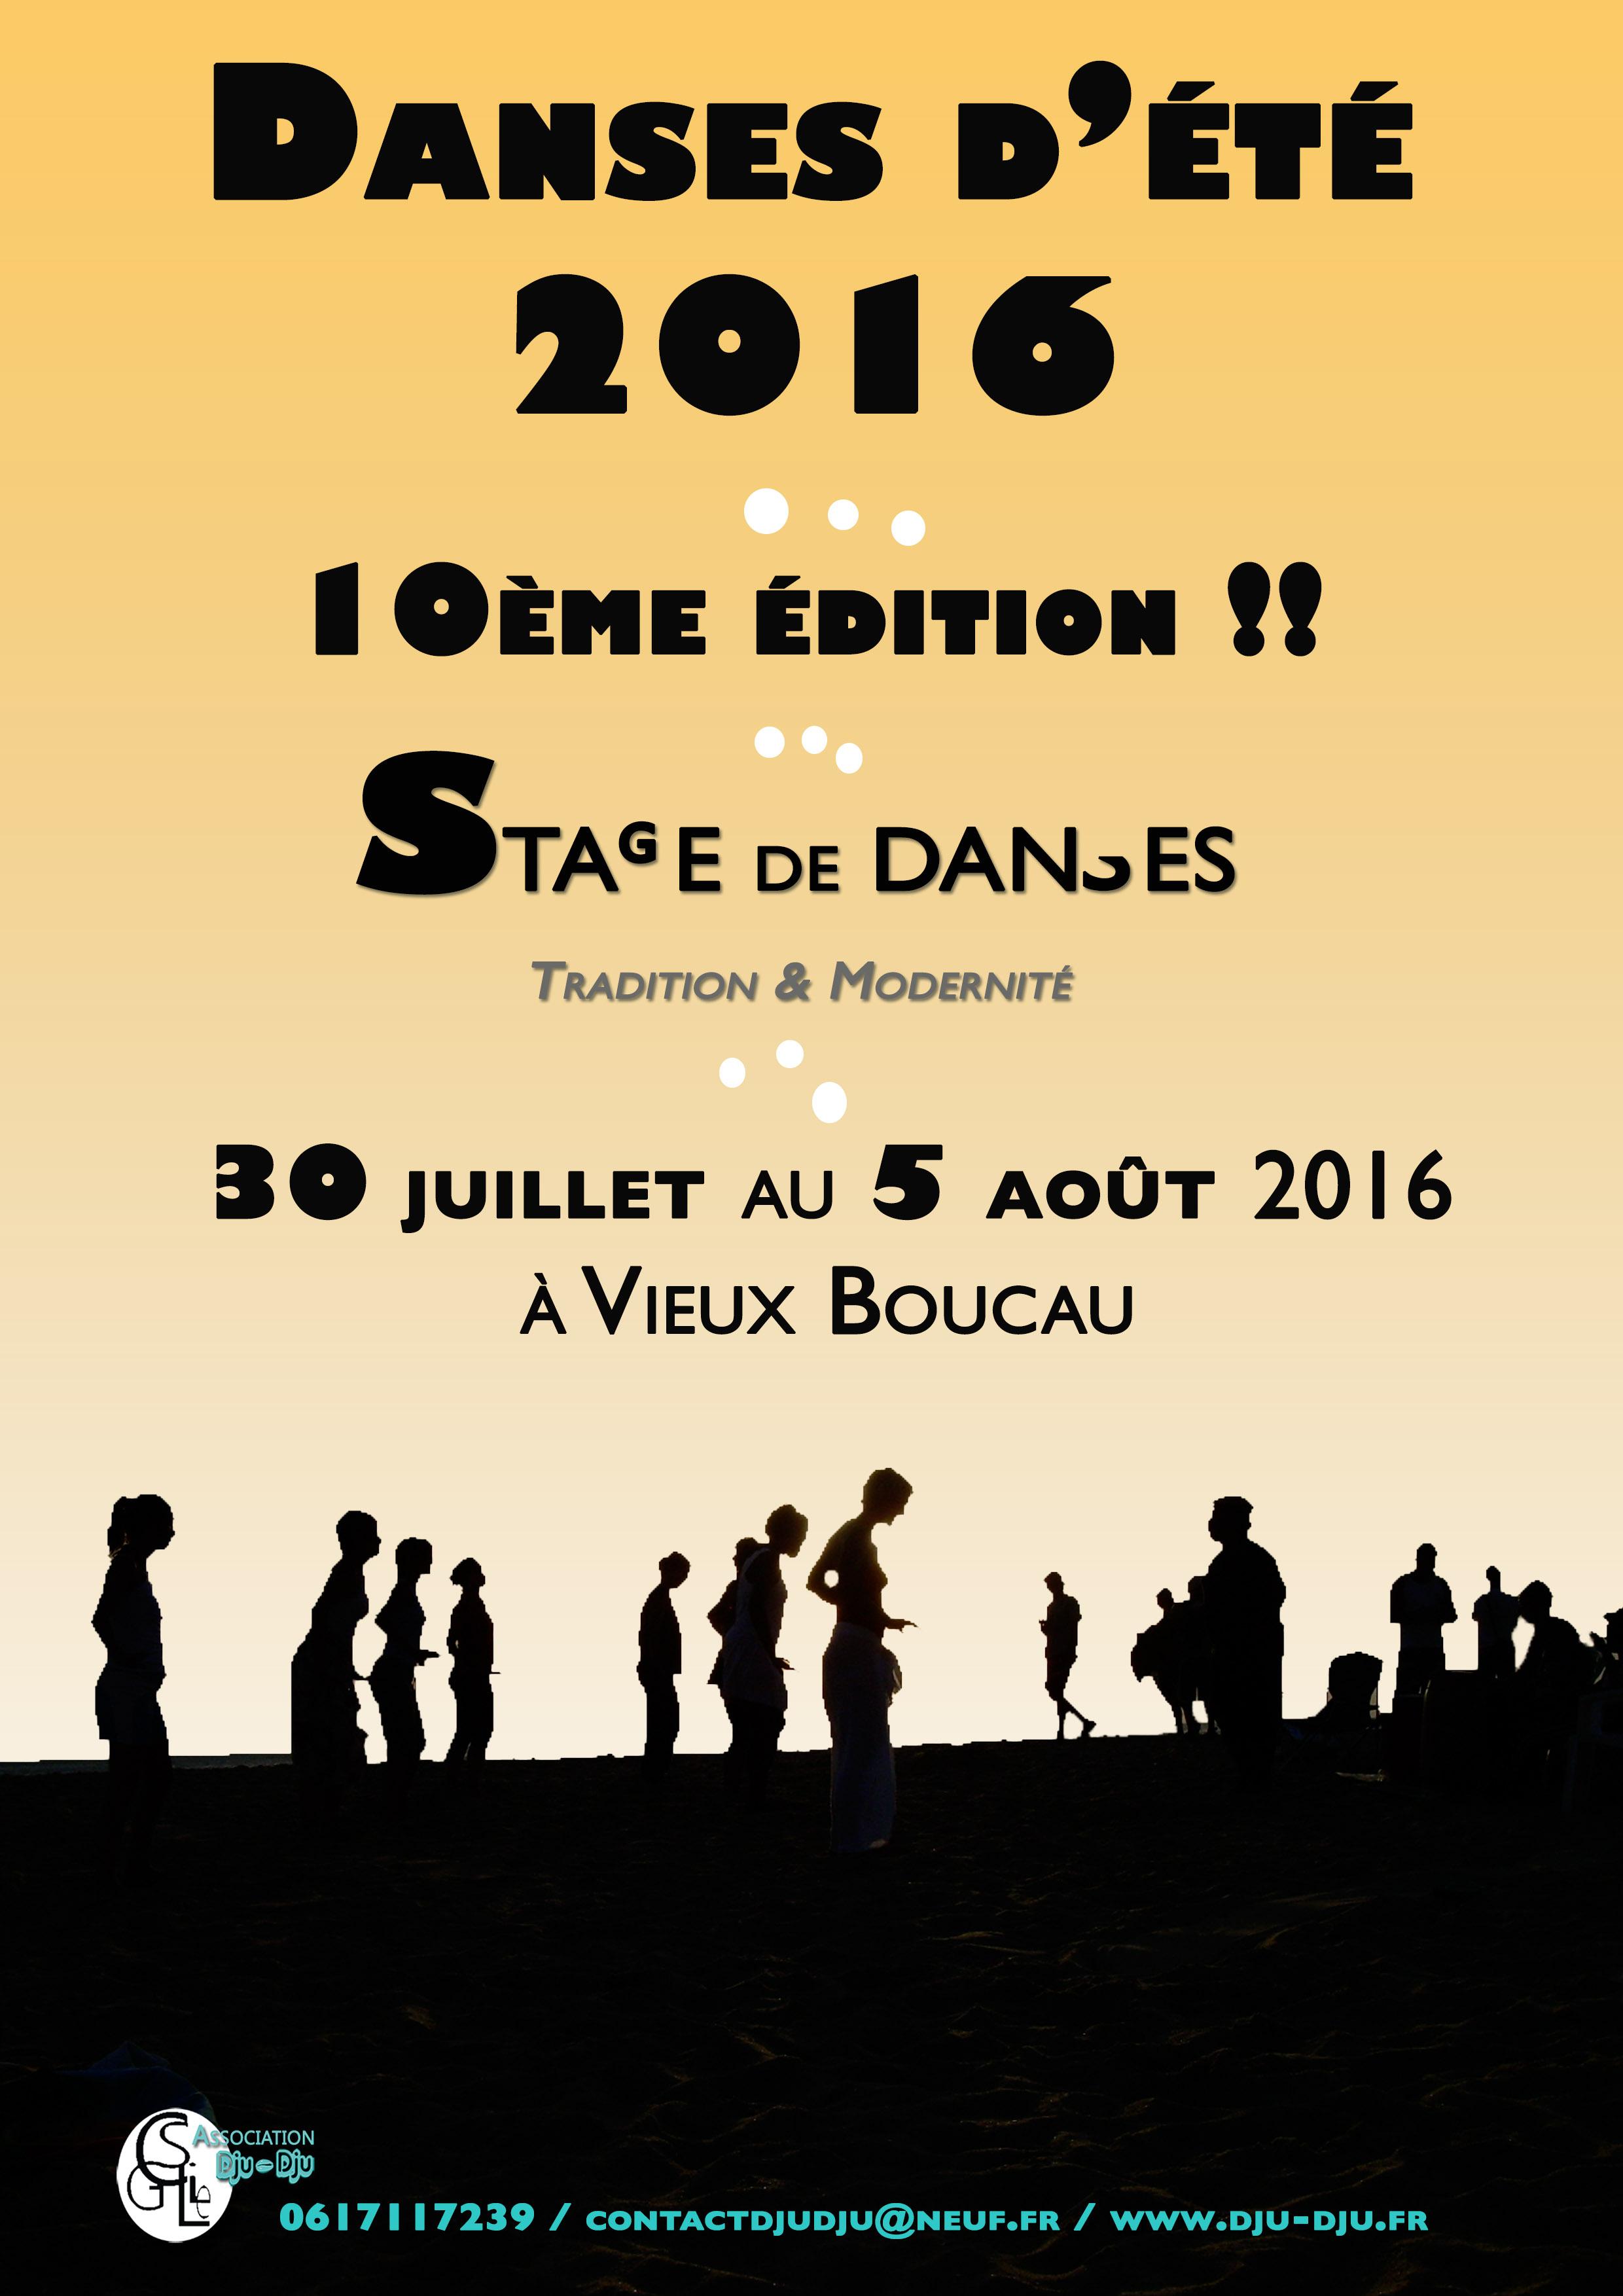 Danses d'été 2016, la 10ème édition